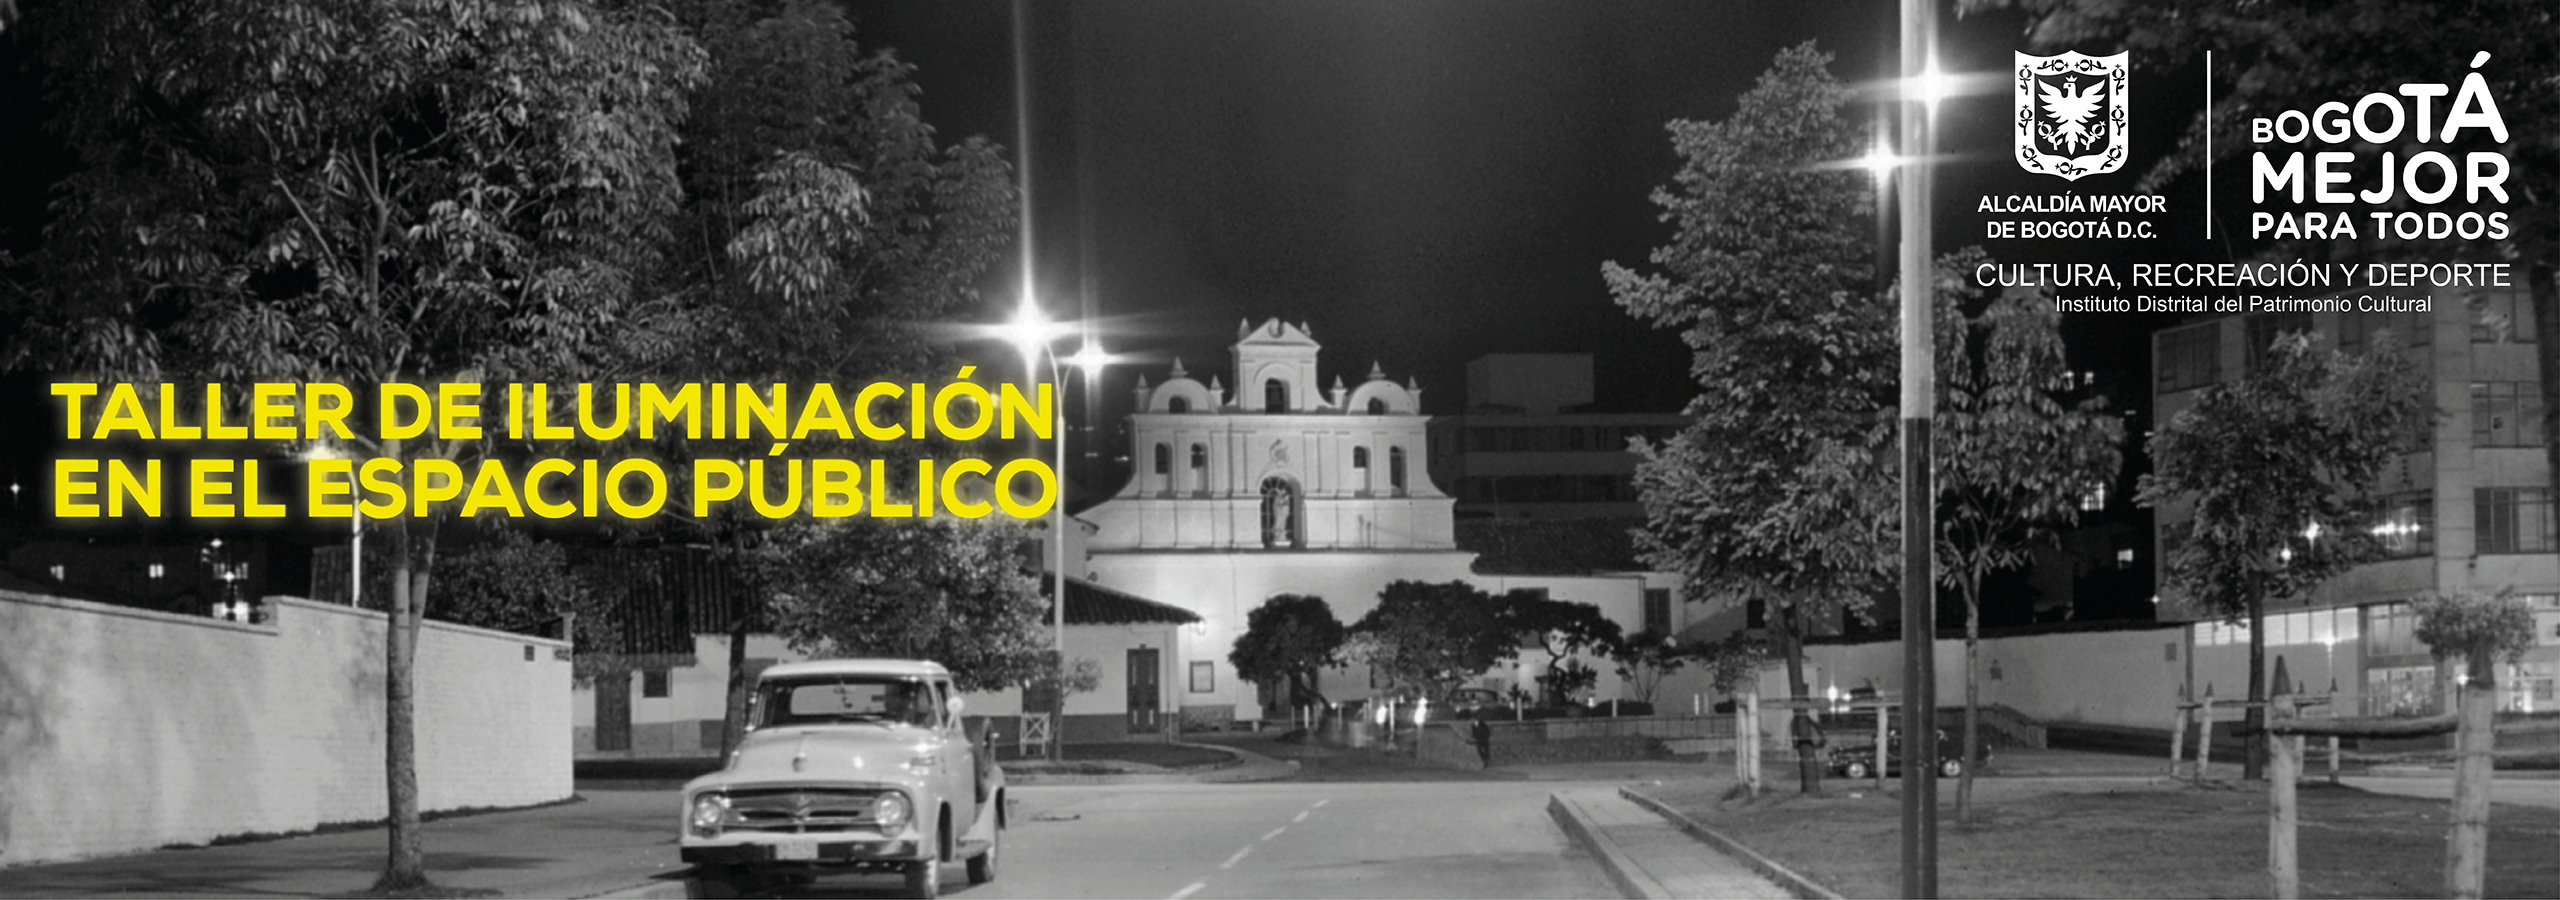 banner-dic06-aguas